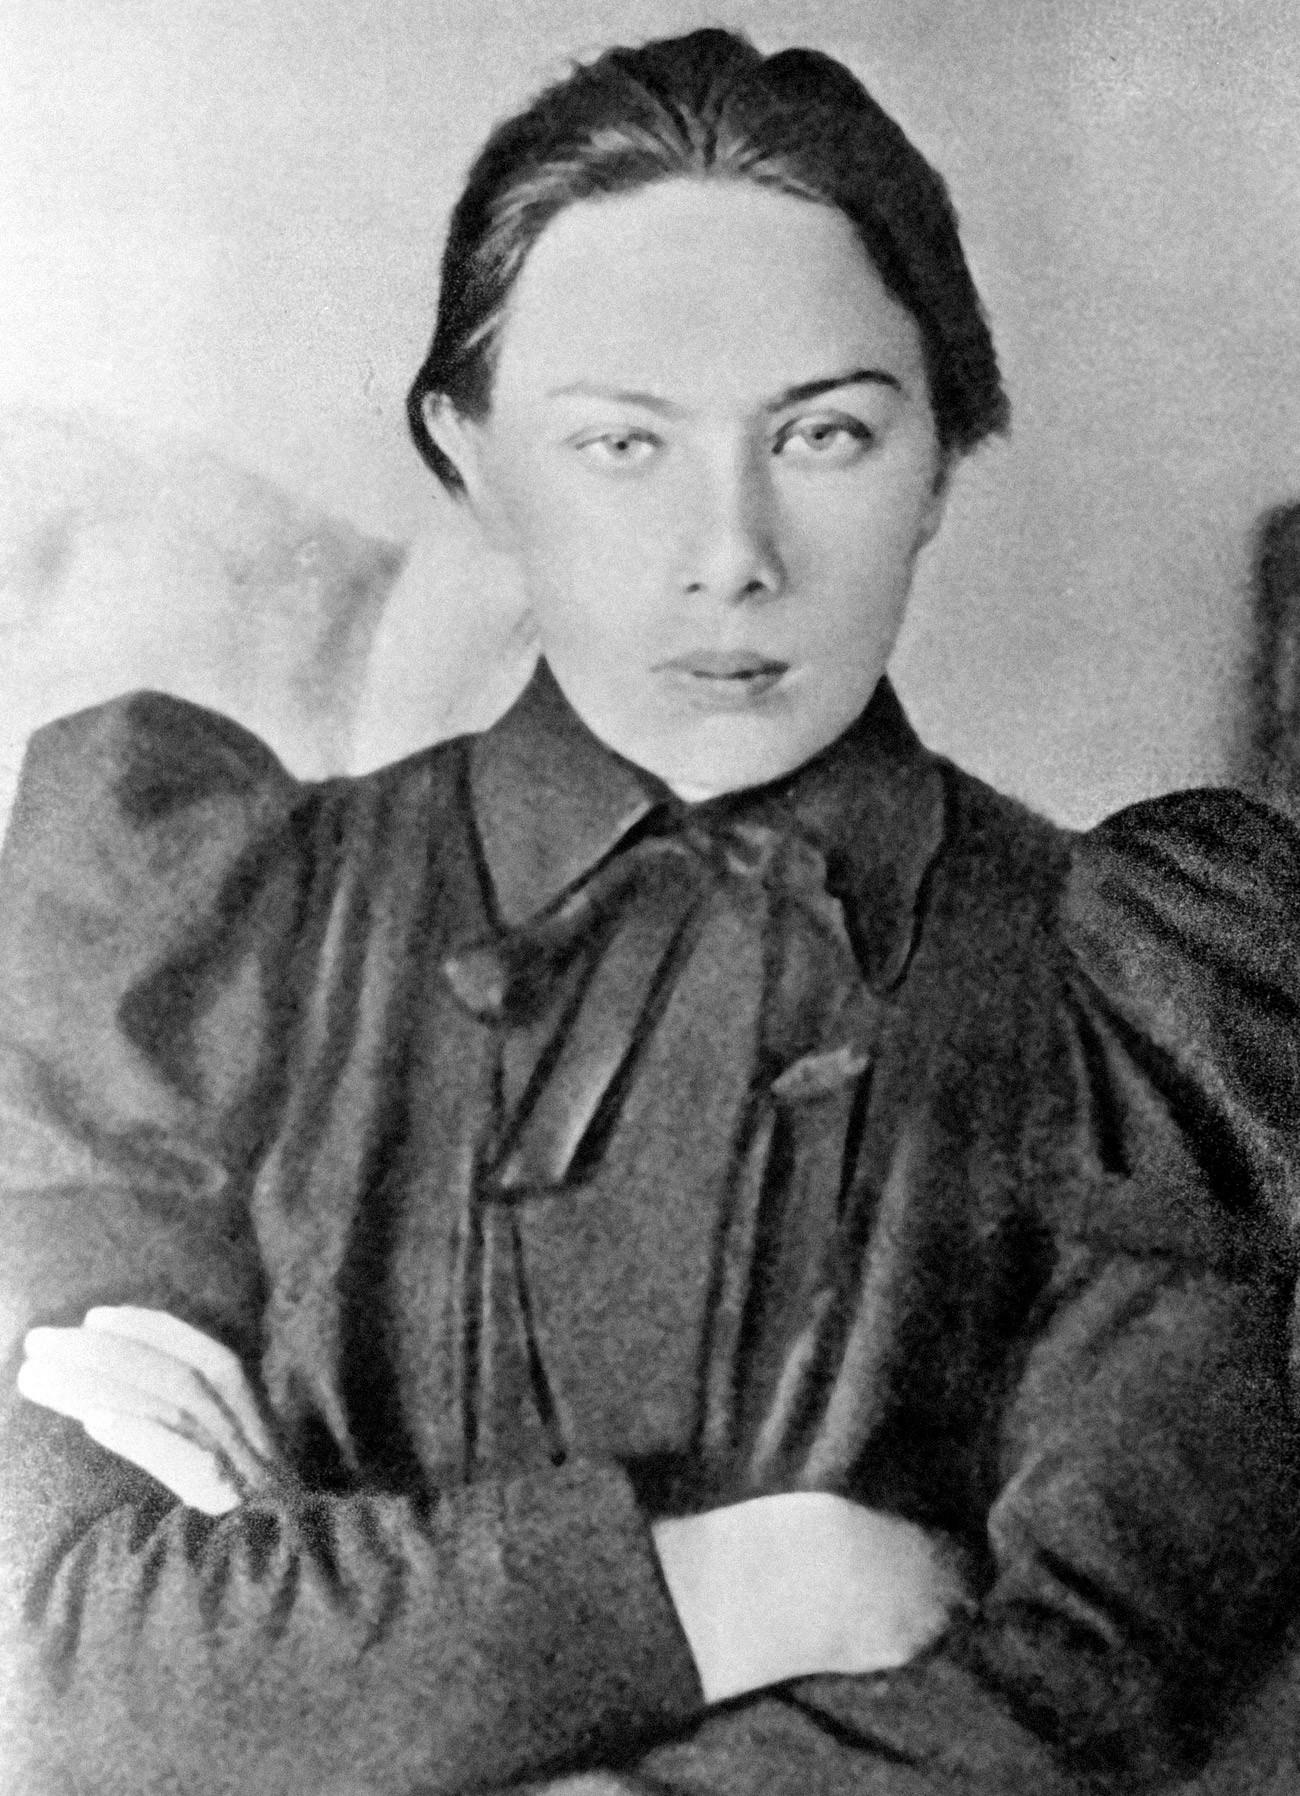 Nadezhda Krupskaya, istri Lenin.